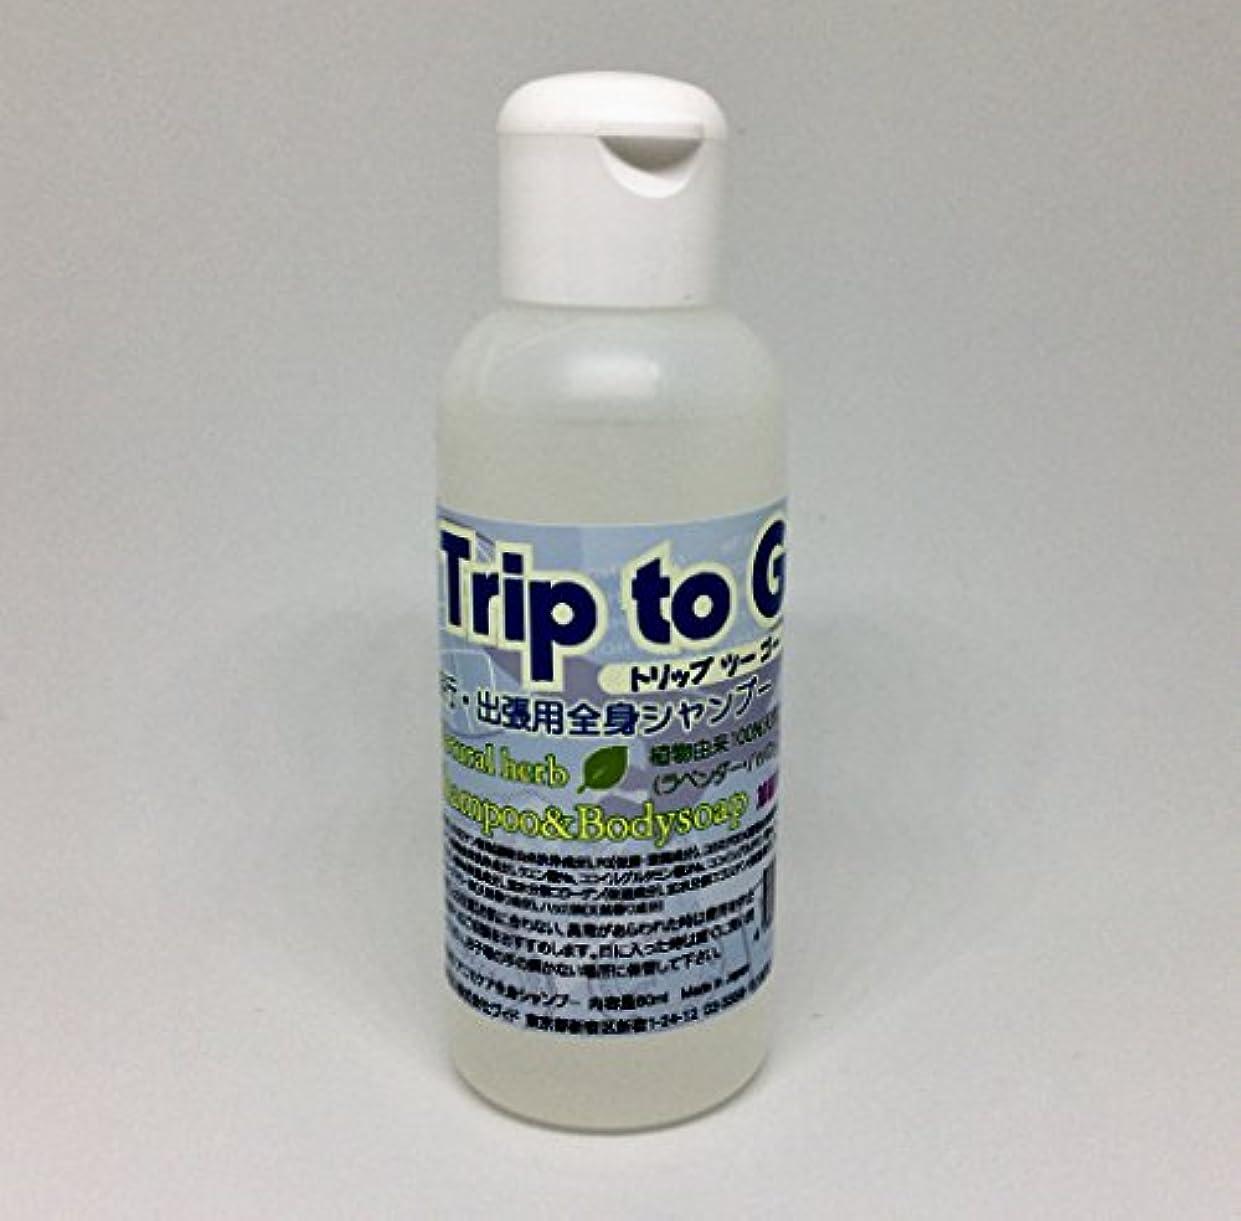 統合腰追加するTrip to Go(トリップツーゴー) 全身シャンプー 60ml 旅行/出張にコレ1本 ただいま送料無料です。